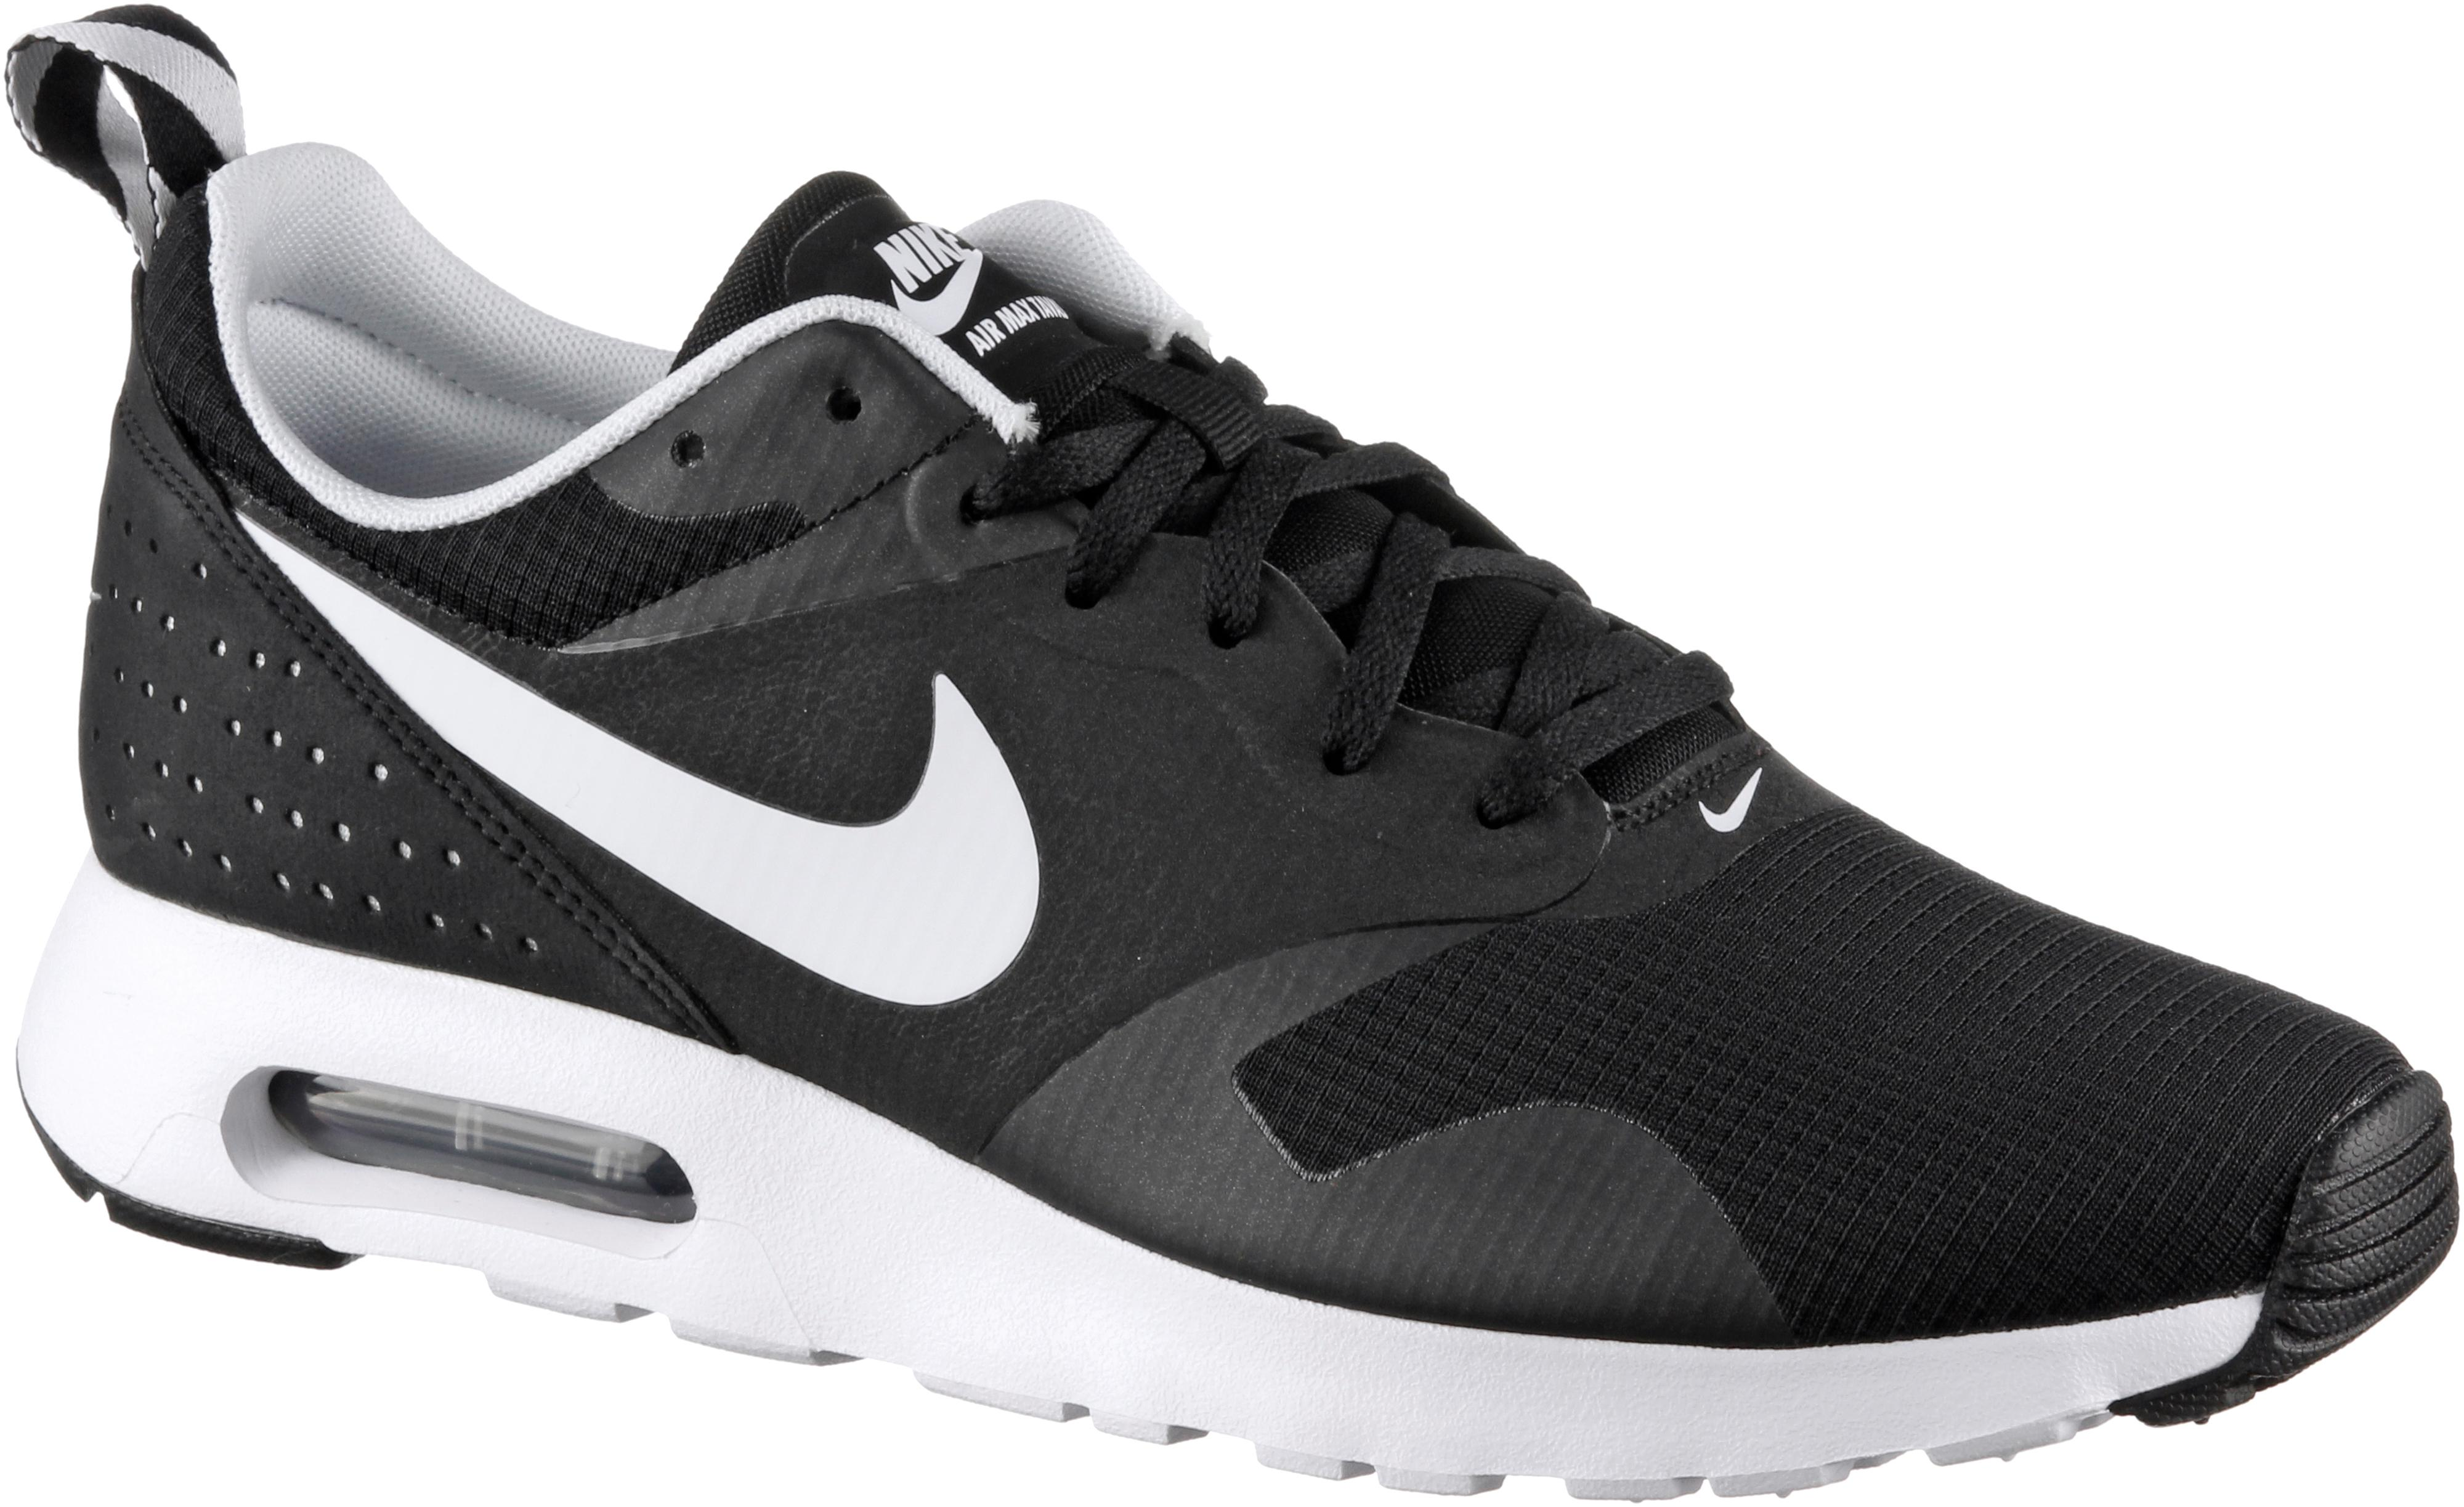 c3e8e03046 Nike AIR MAX TAVAS Sneaker Herren black/white-black im Online Shop von  SportScheck kaufen